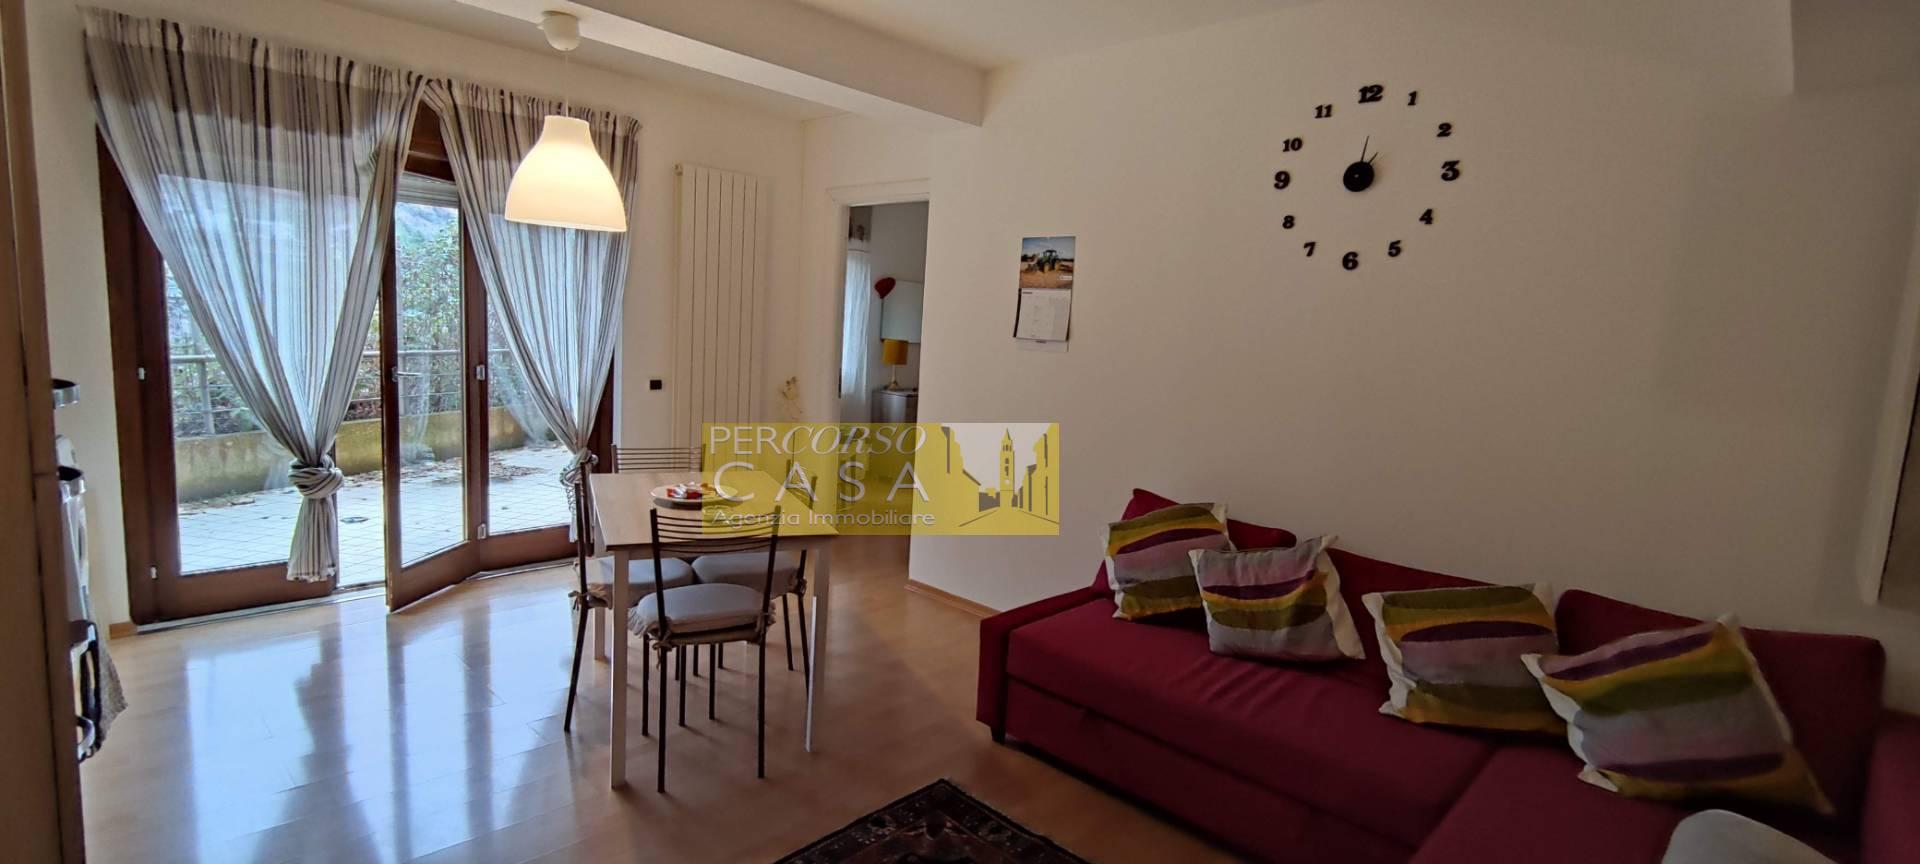 Appartamento in vendita a Teramo, 2 locali, zona Località: PiazzaGaribaldi, prezzo € 65.000 | PortaleAgenzieImmobiliari.it